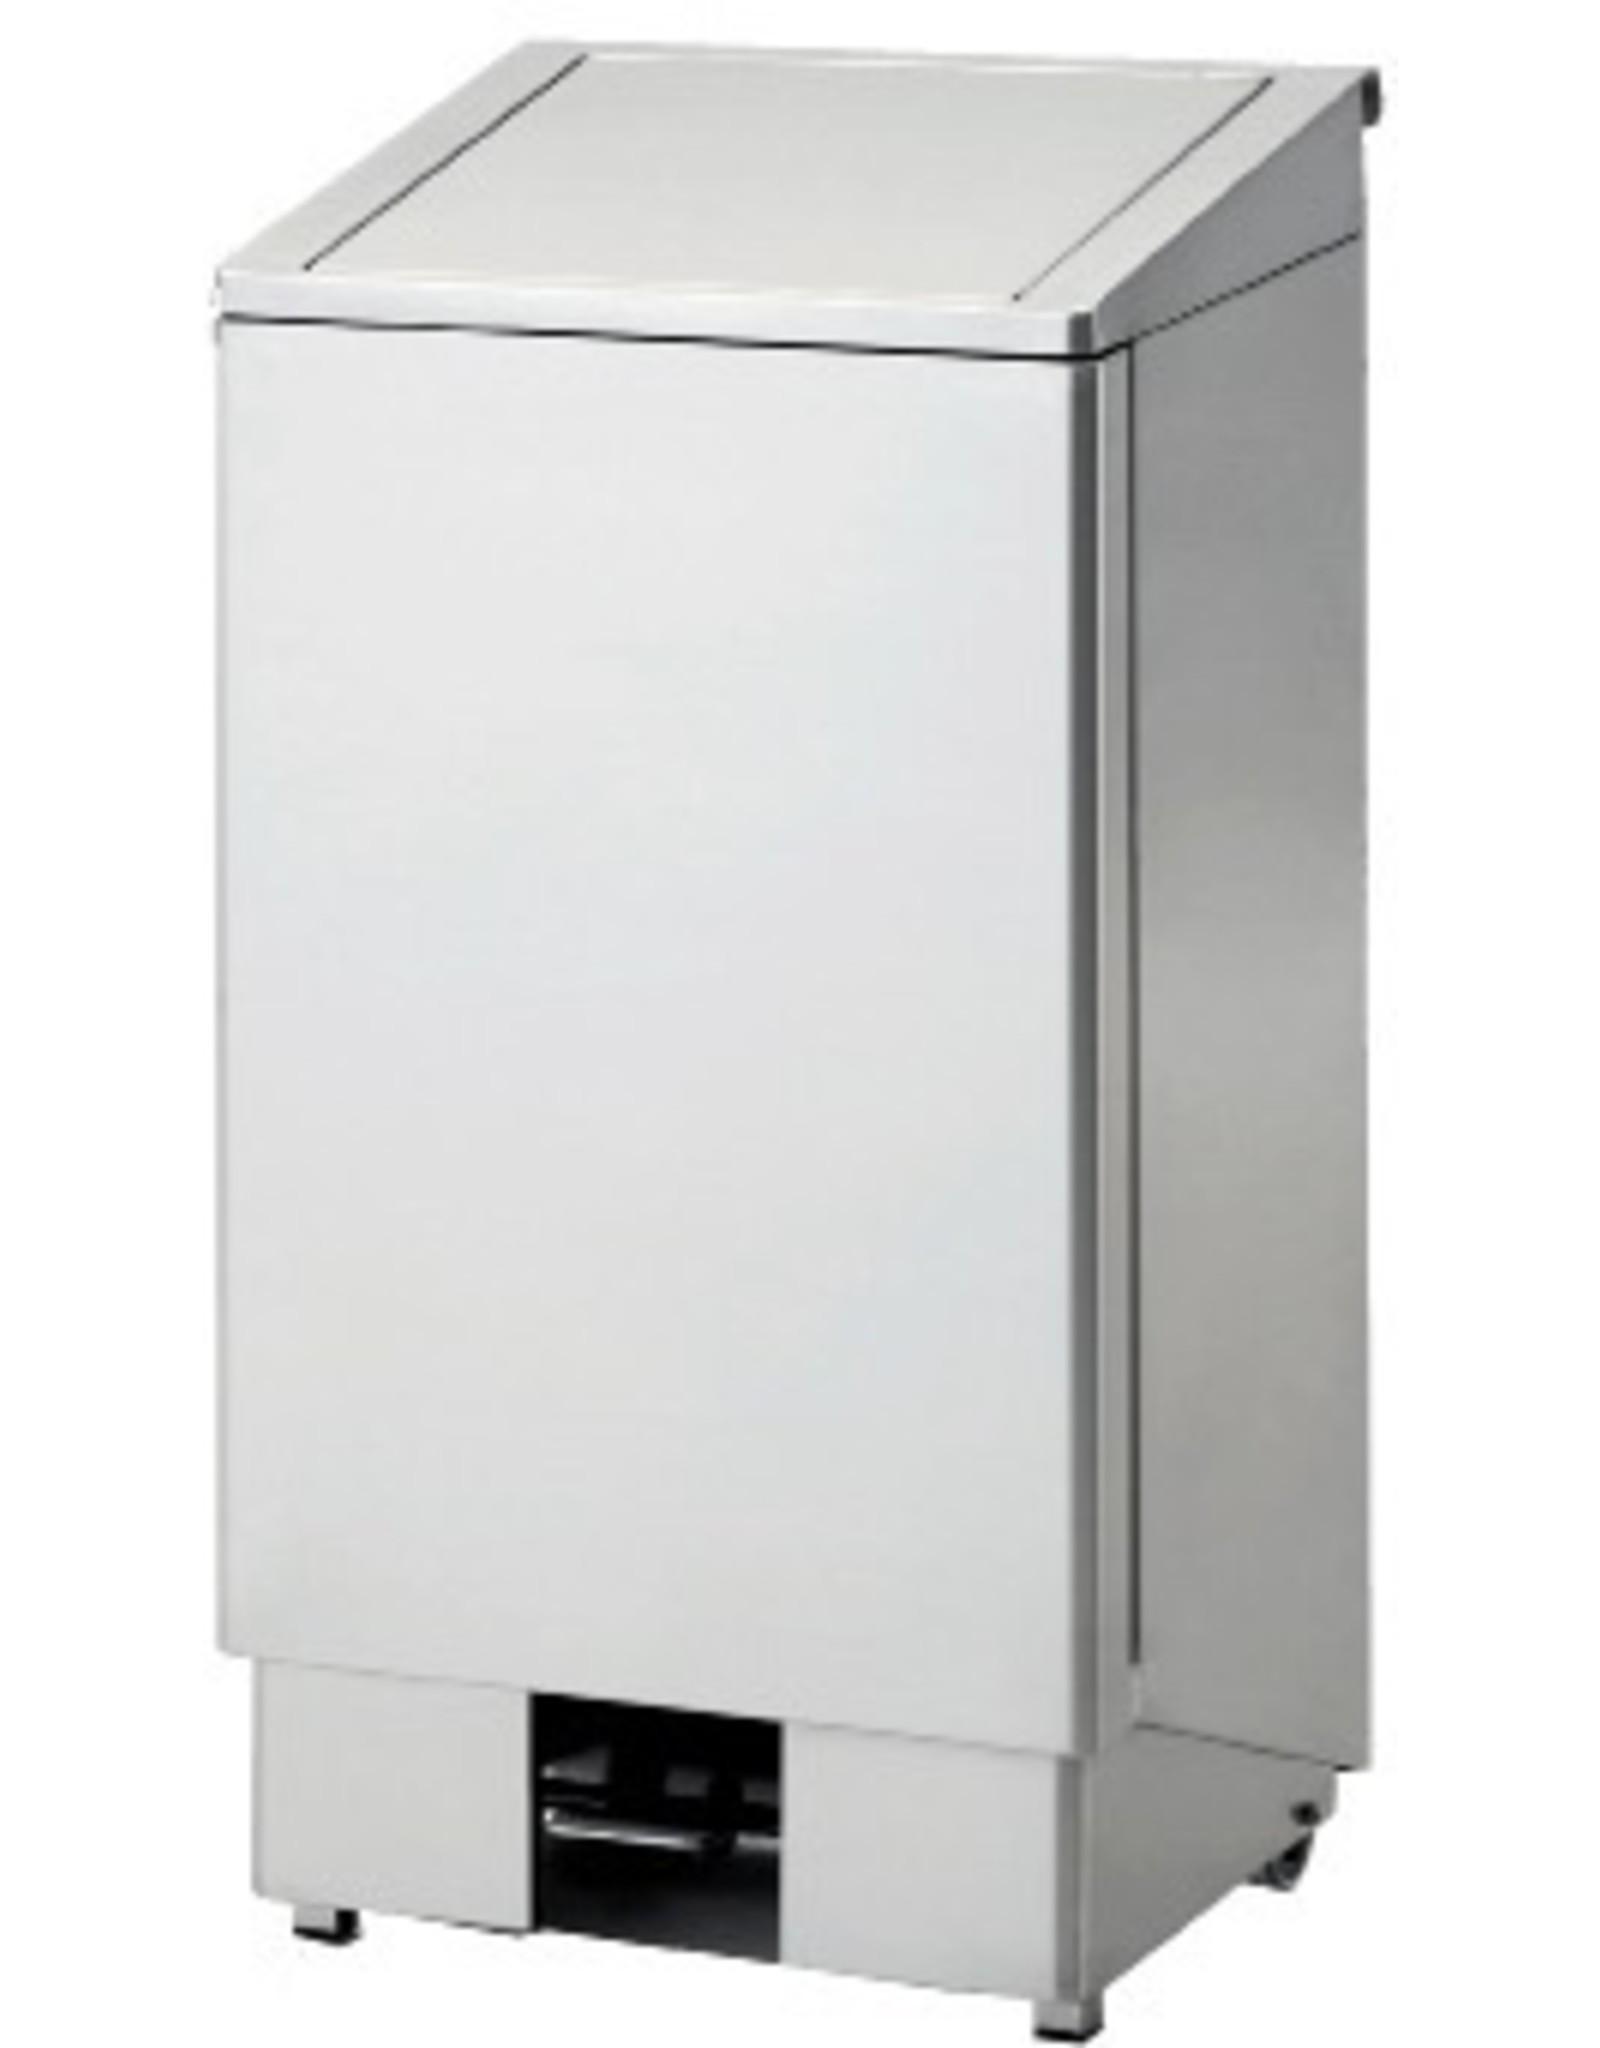 RVS pedaalafvalbak | 60L | (H)77x(B)40x(D)36cm